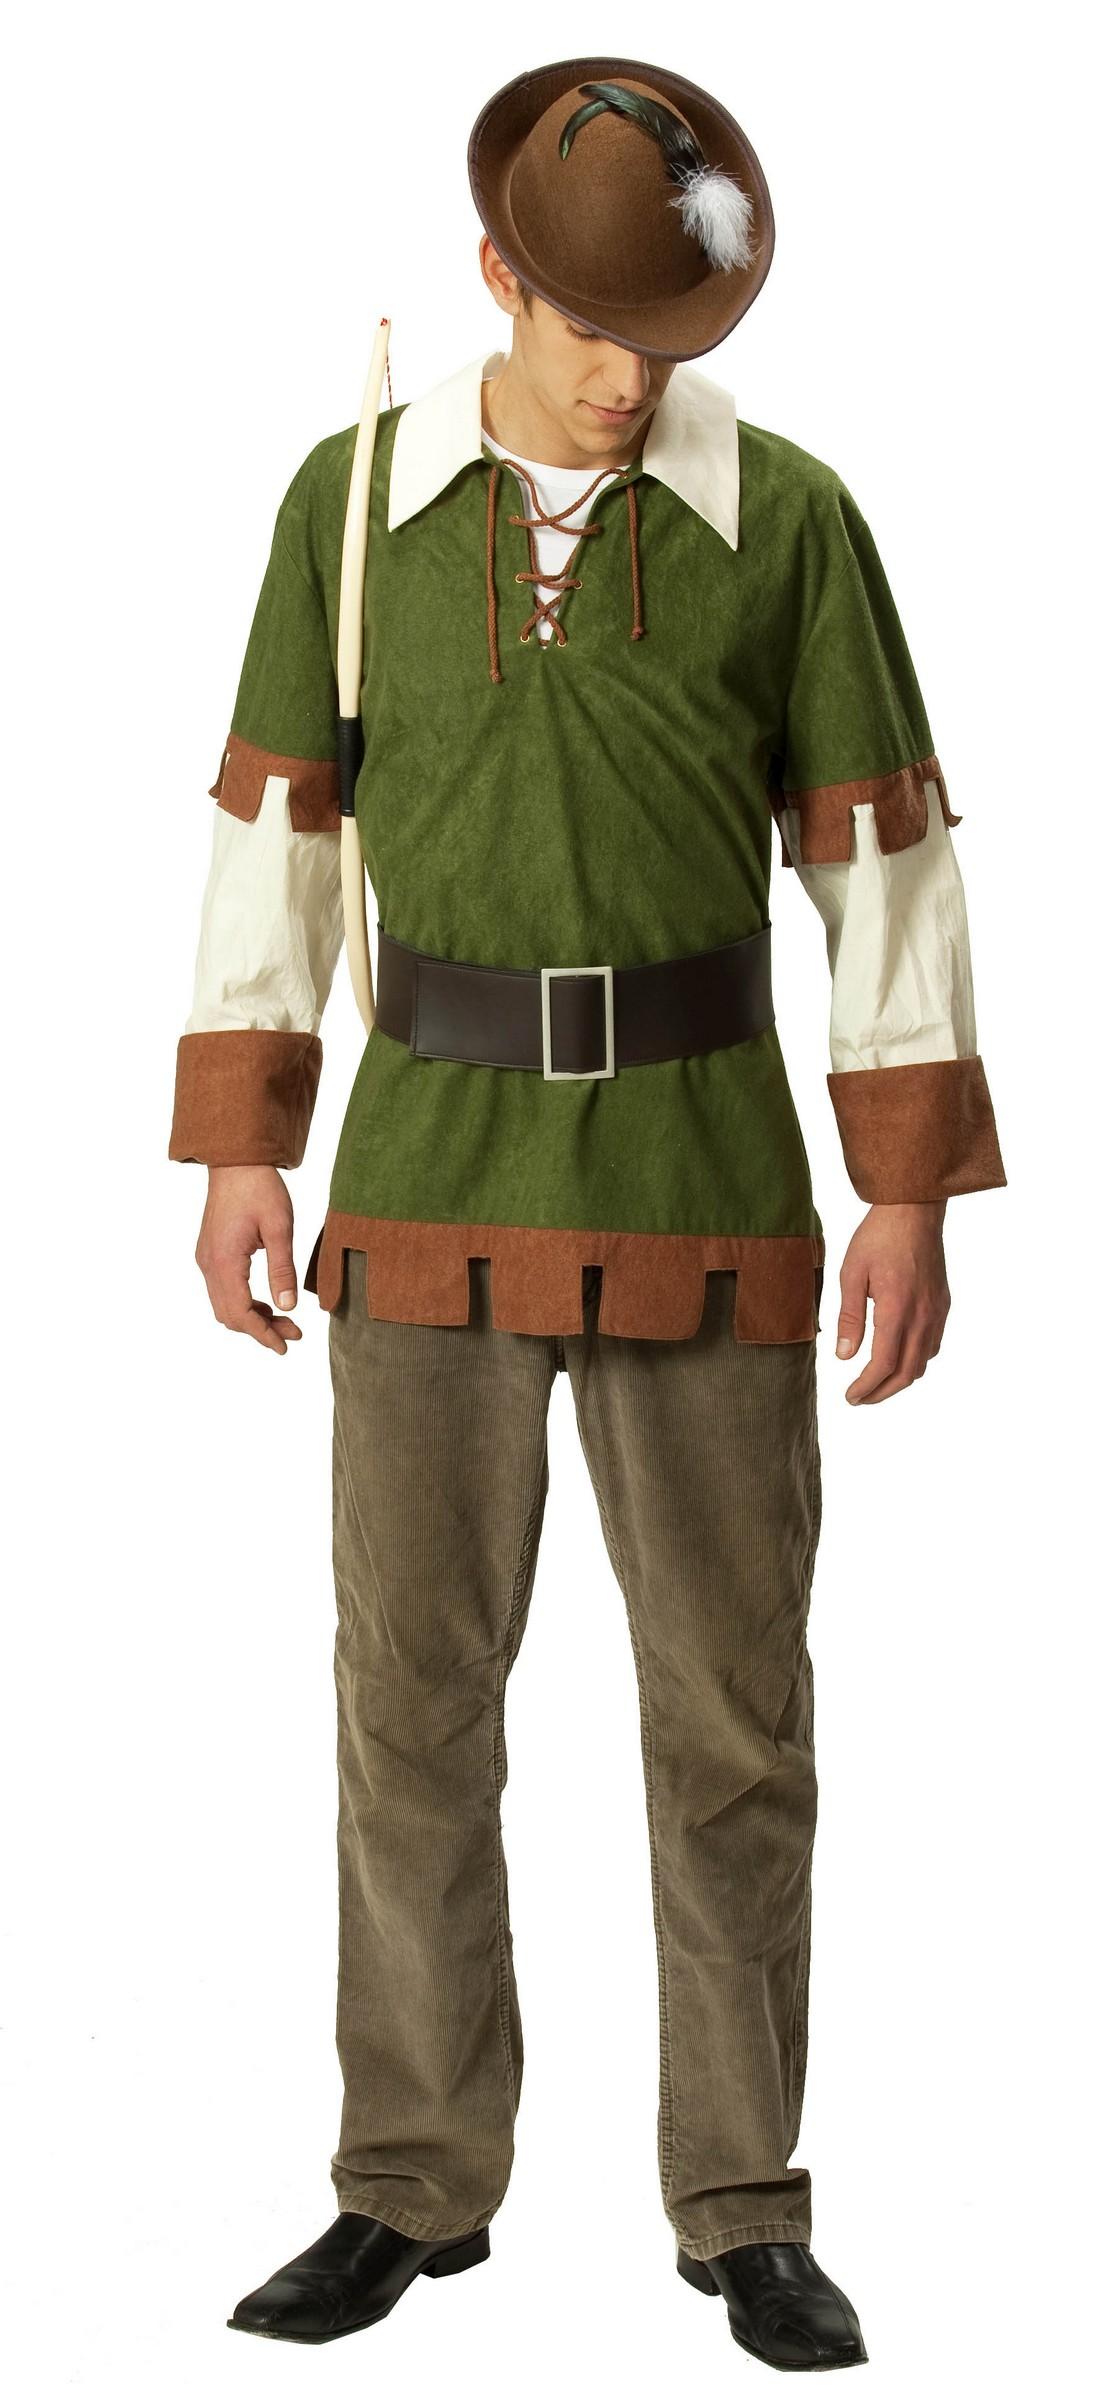 D guisement robin des bois costume homme pas cher - Deguisement robin des bois fille ...